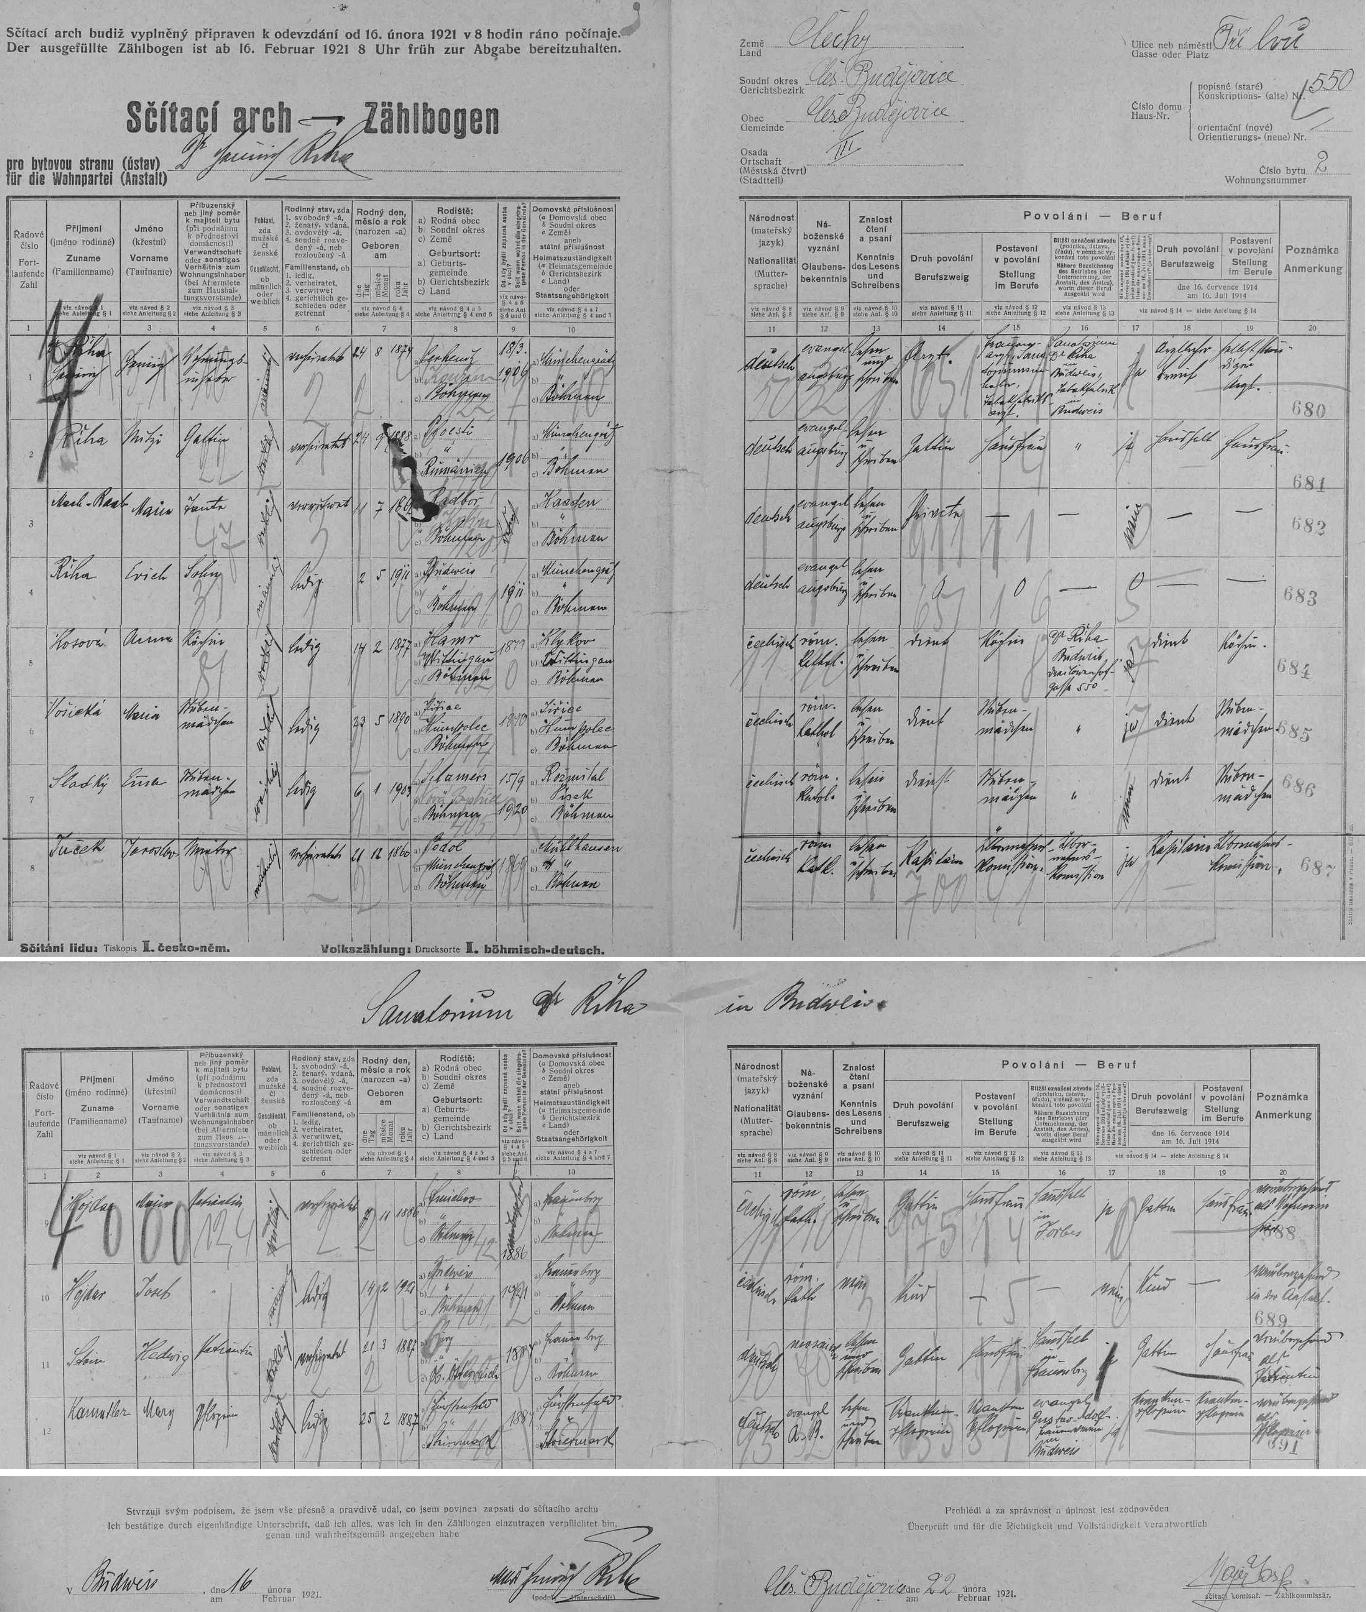 Arch sčítání lidu z roku 1921 pro dům čp. 550 v českobudějovické ulici U Tří lvů